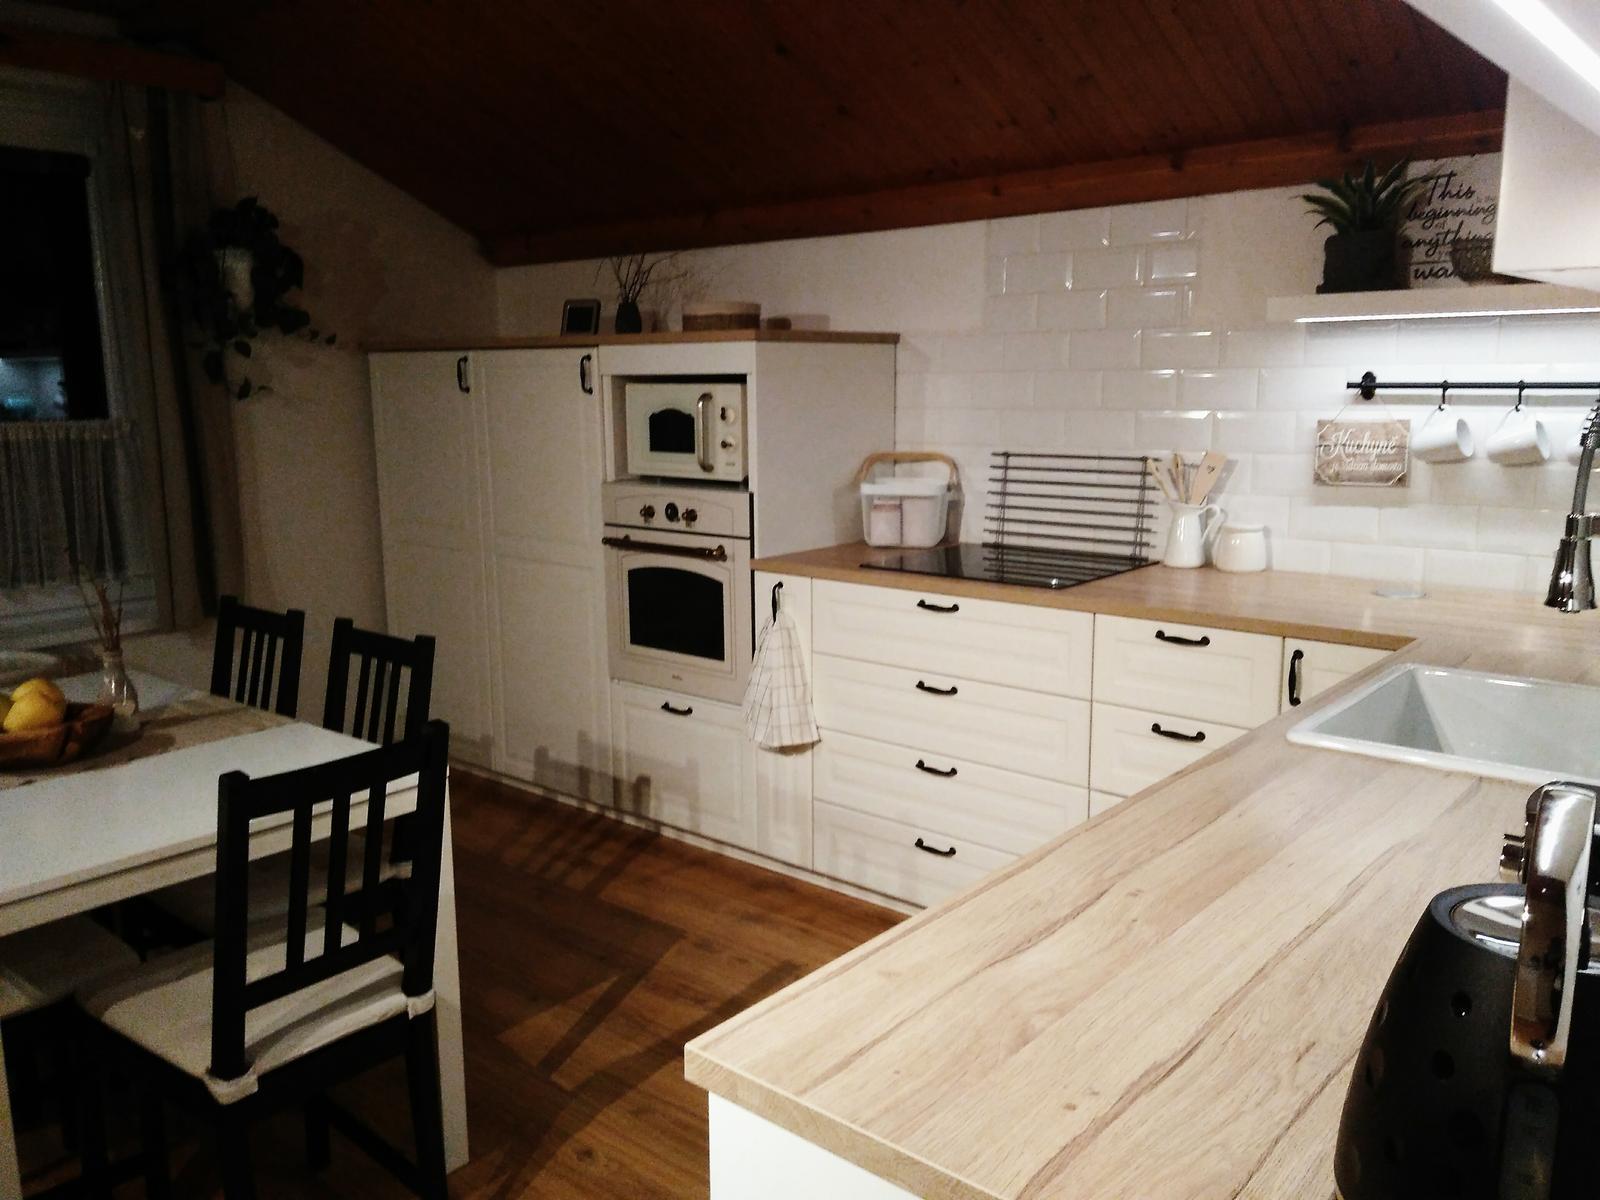 Můj sen,moje kuchyň - Obrázek č. 75